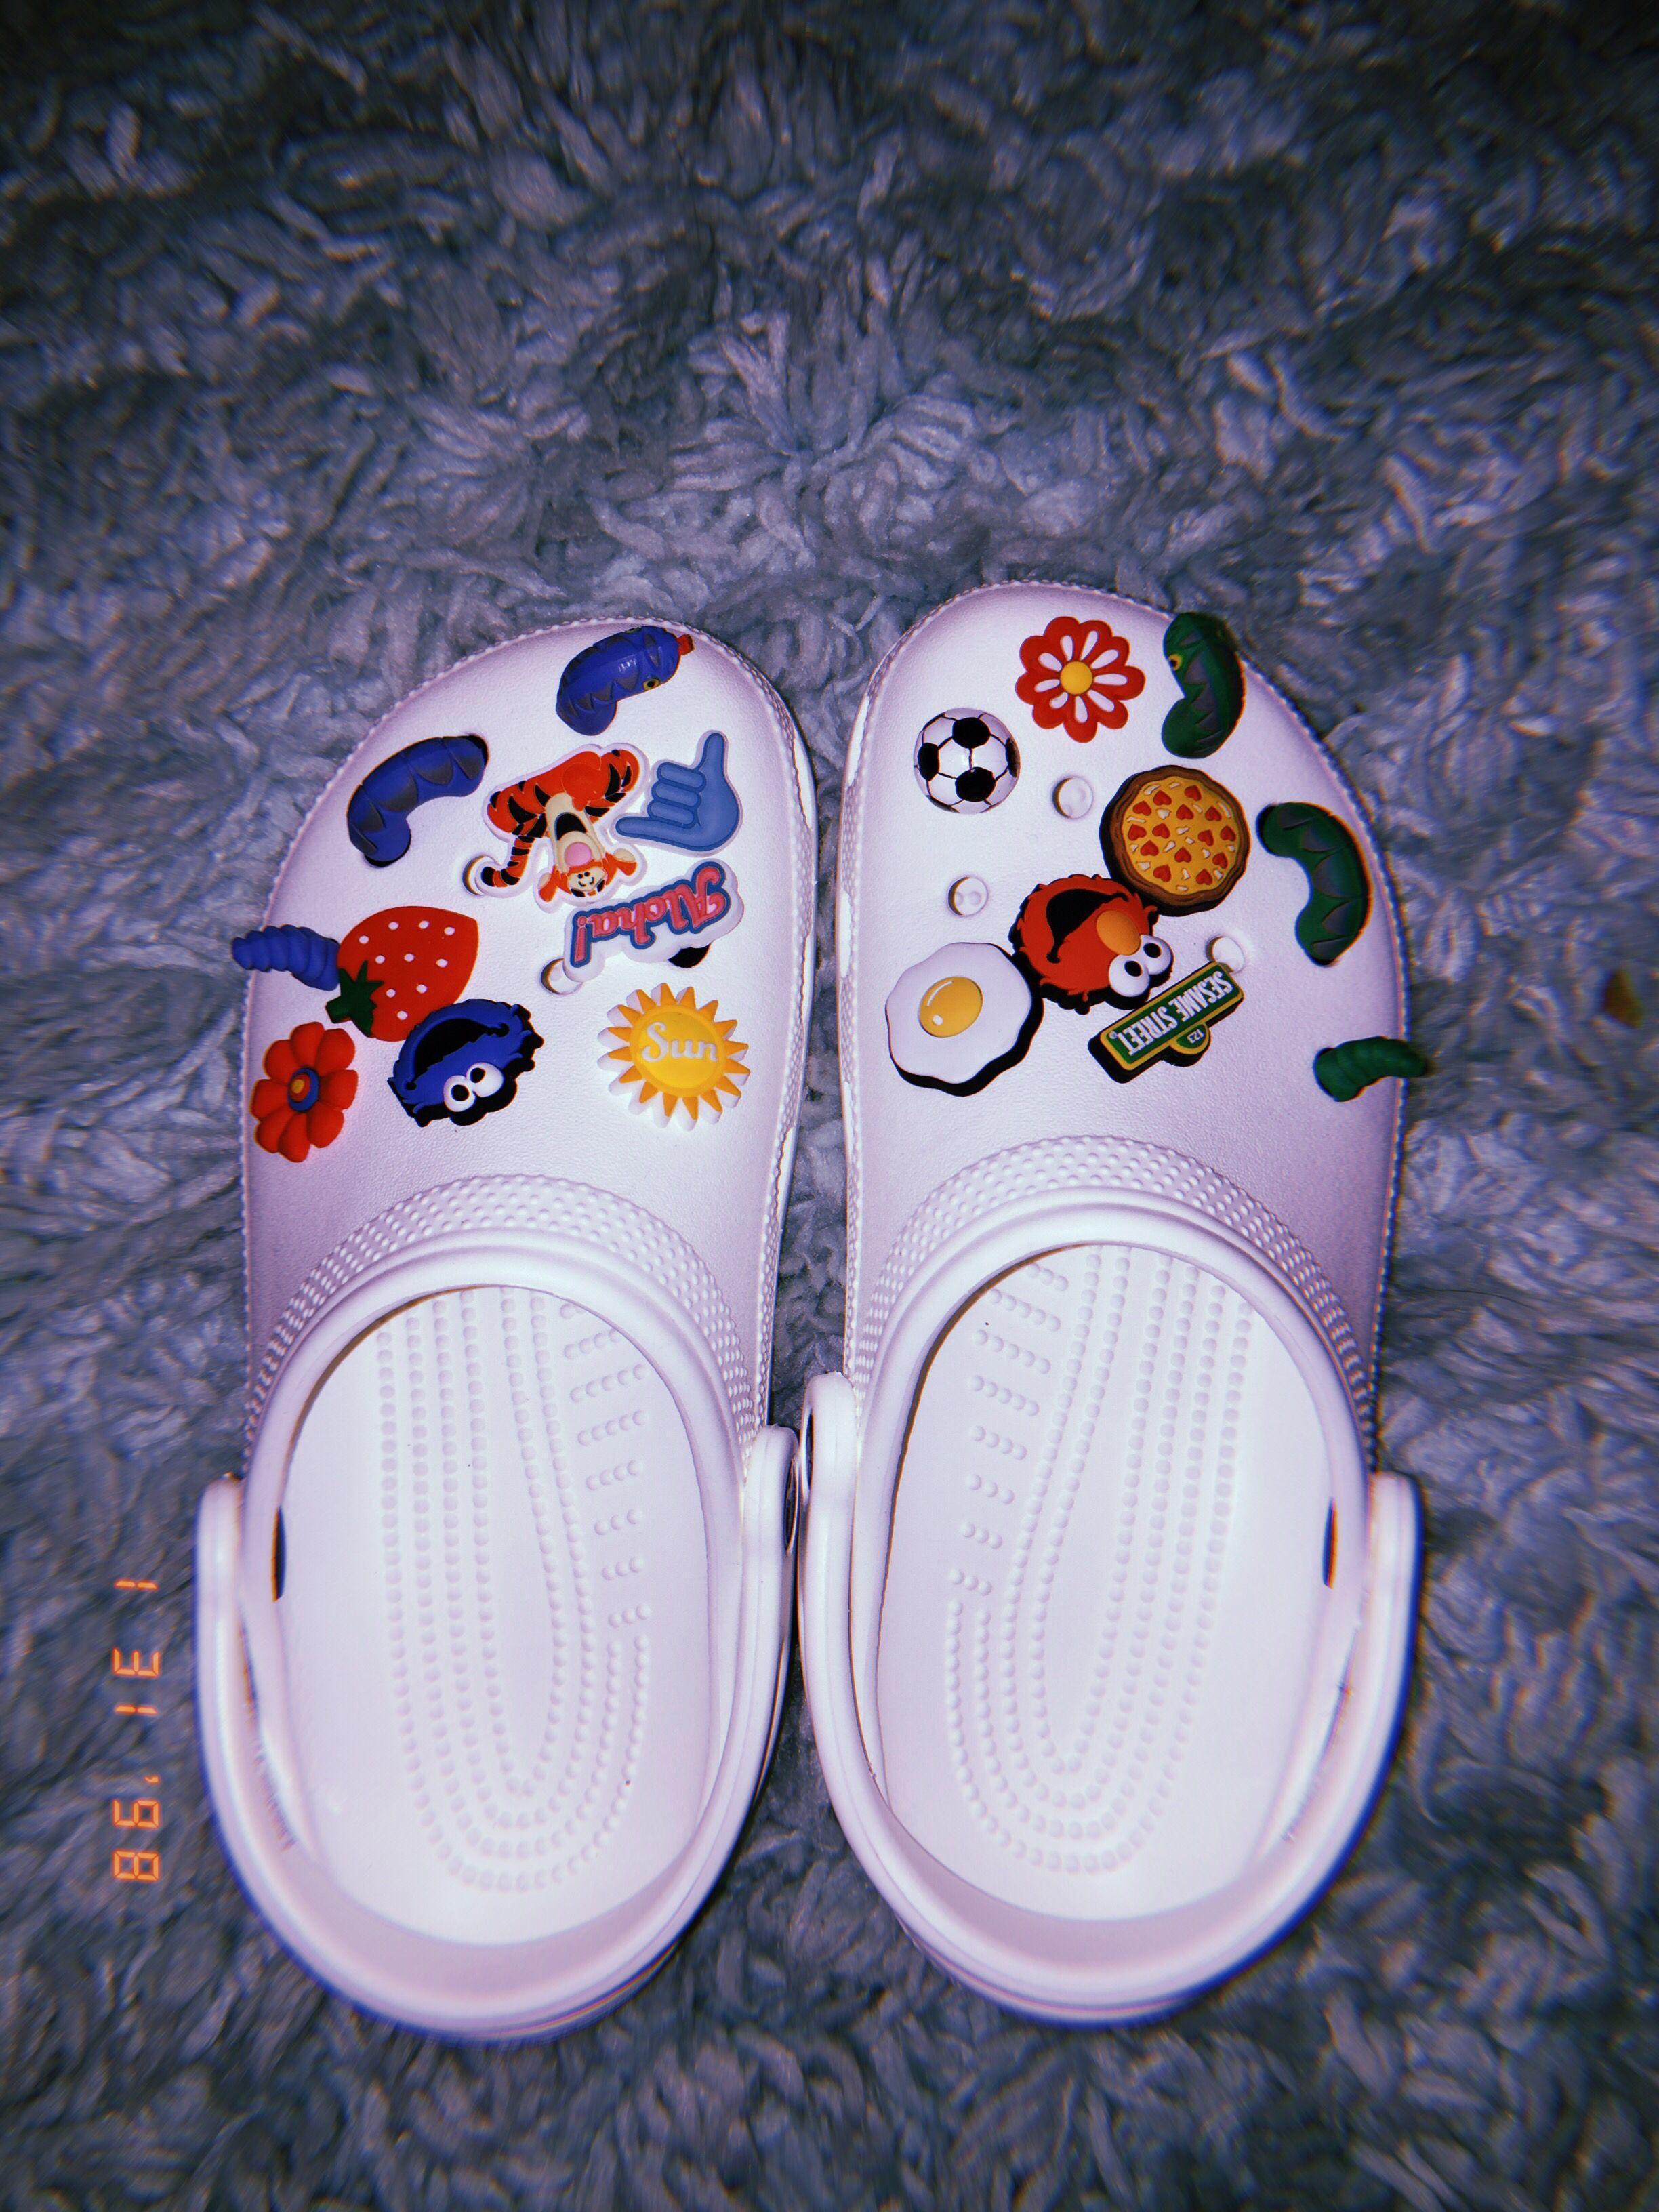 Crocs shoes, Crocs